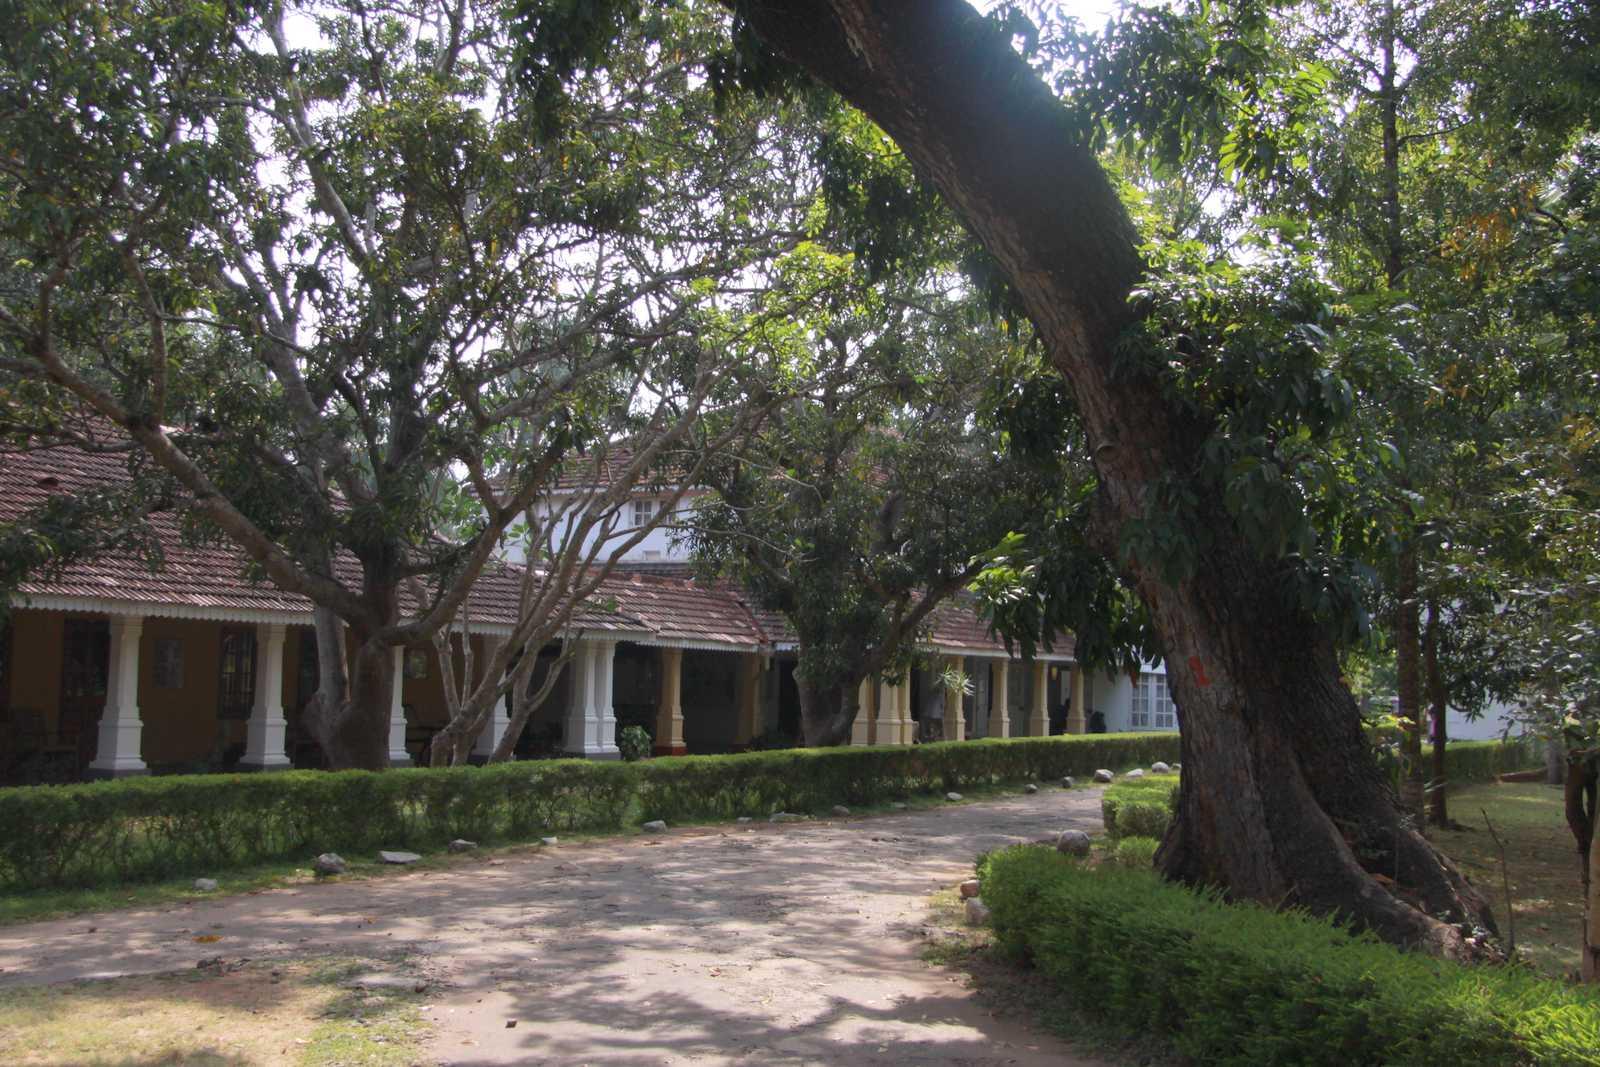 Hotel, w którym Witkacy zatrzymał się w Anuradhapurze